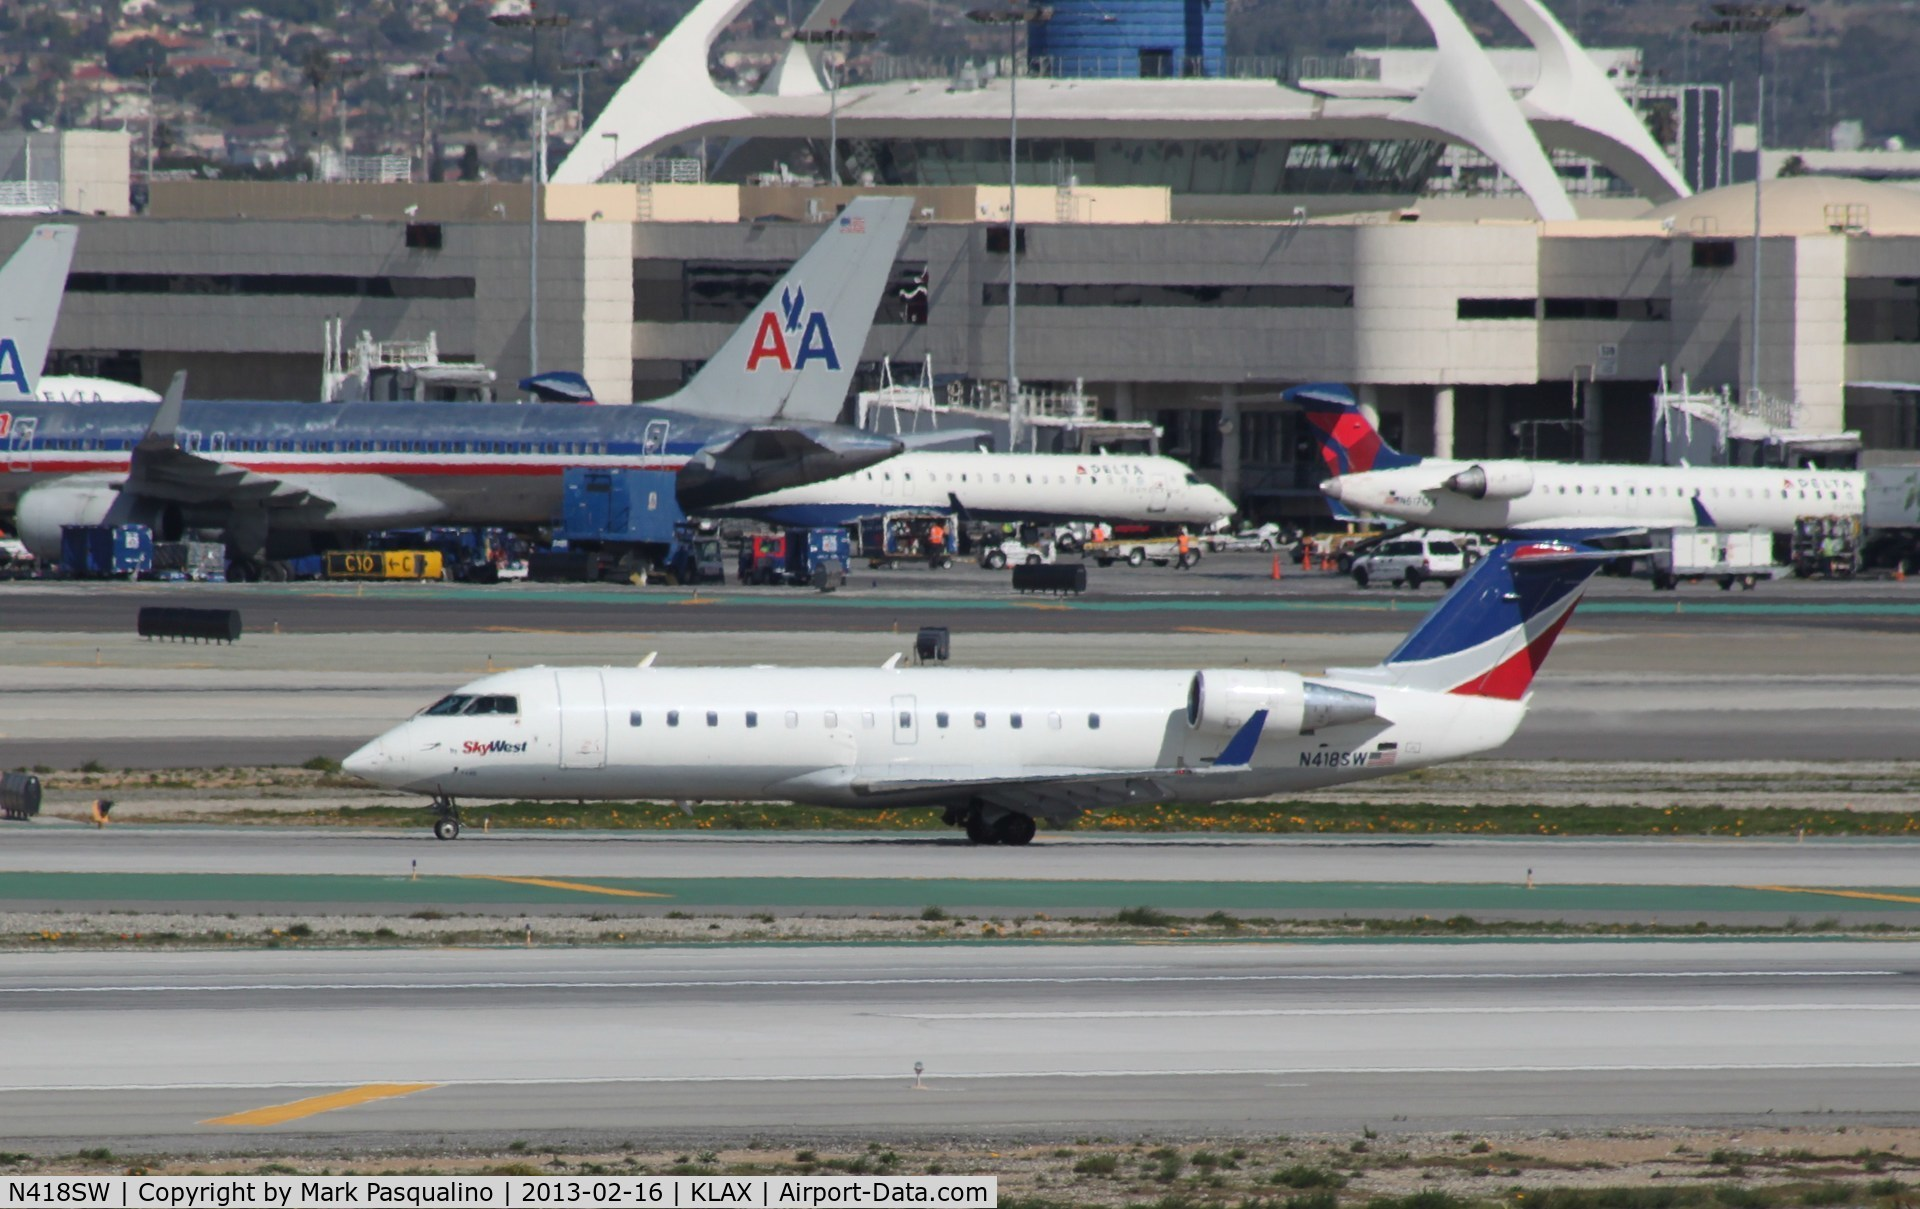 N418SW, 2000 Bombardier CRJ-200LR (CL-600-2B19) C/N 7446, CL-600-2B19